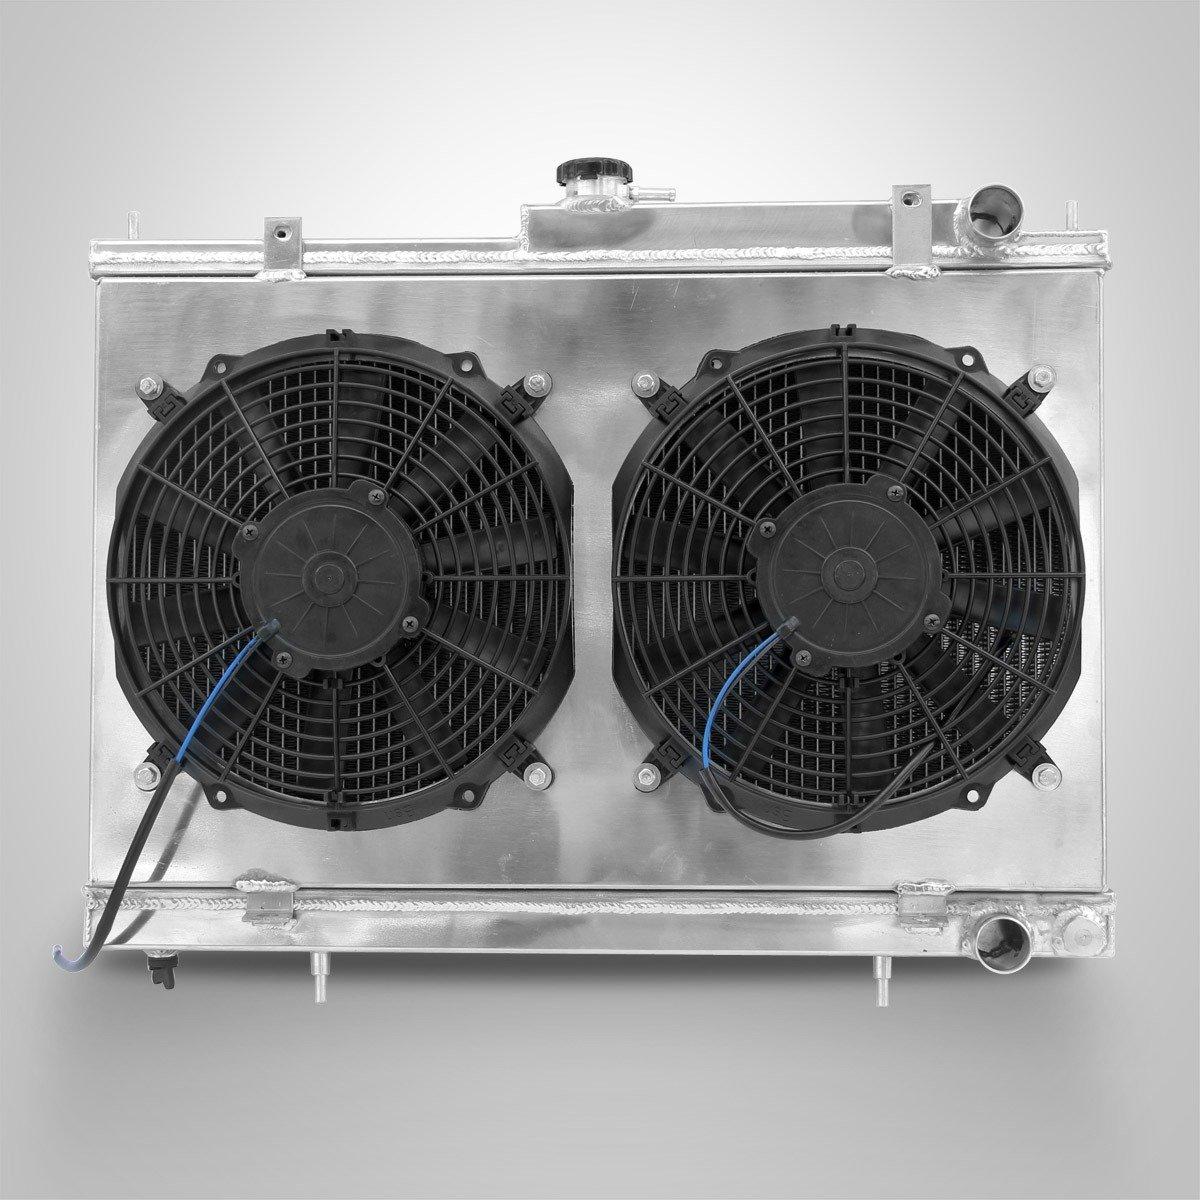 For NISSAN SKYLINE R33 GTS-T RB25DET RADIATOR FAN SHROUD